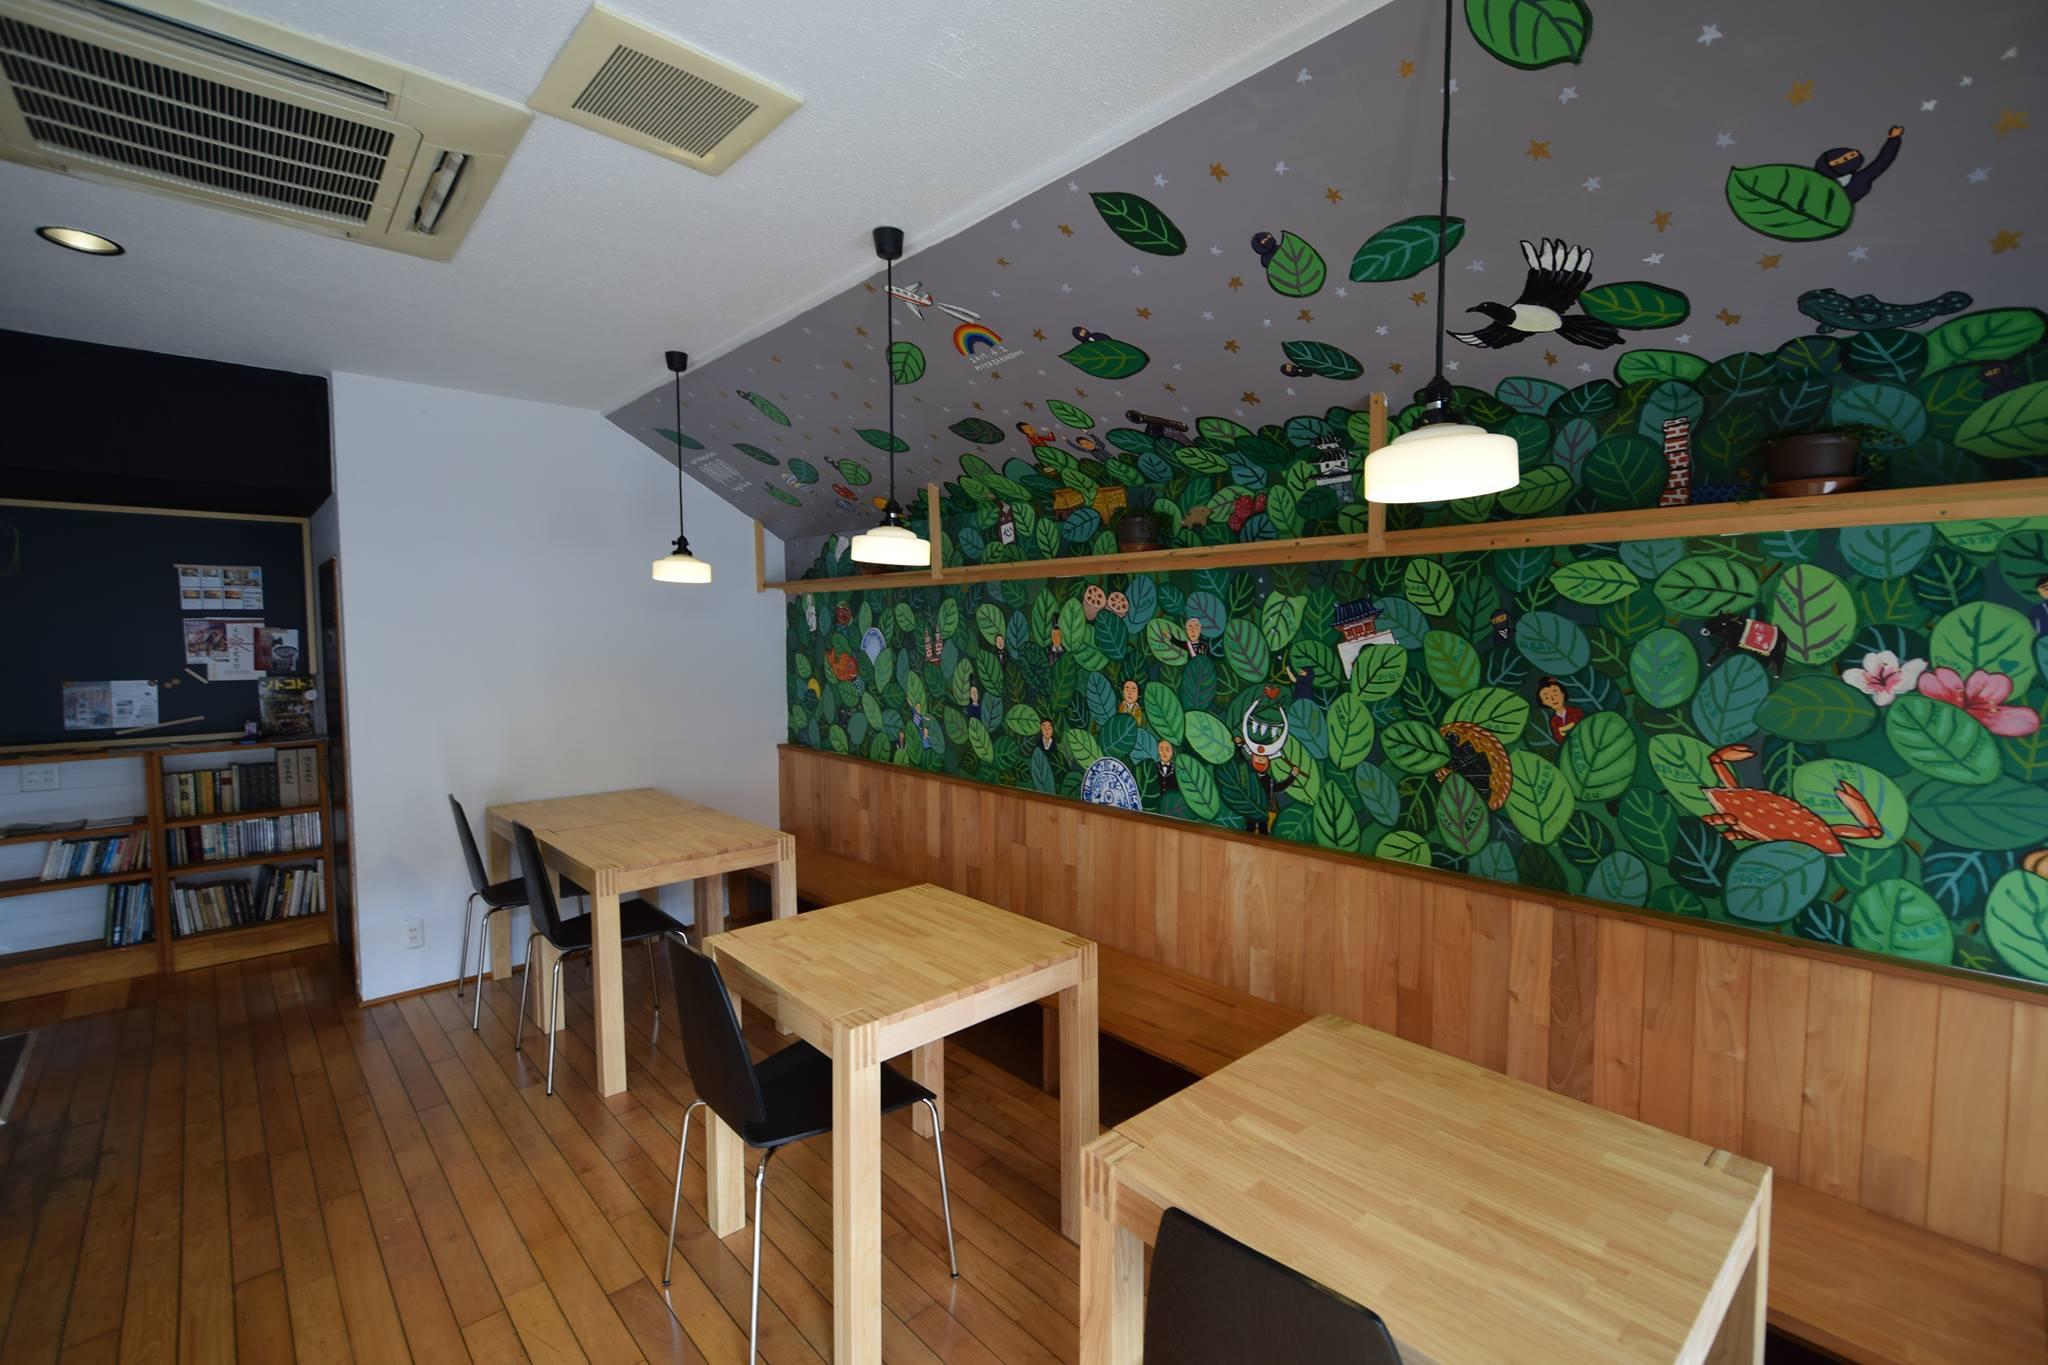 1階の「葉隠」デザインの壁画。緑の葉っぱのあいだから、さまざまな佐賀の名物がのぞきます。